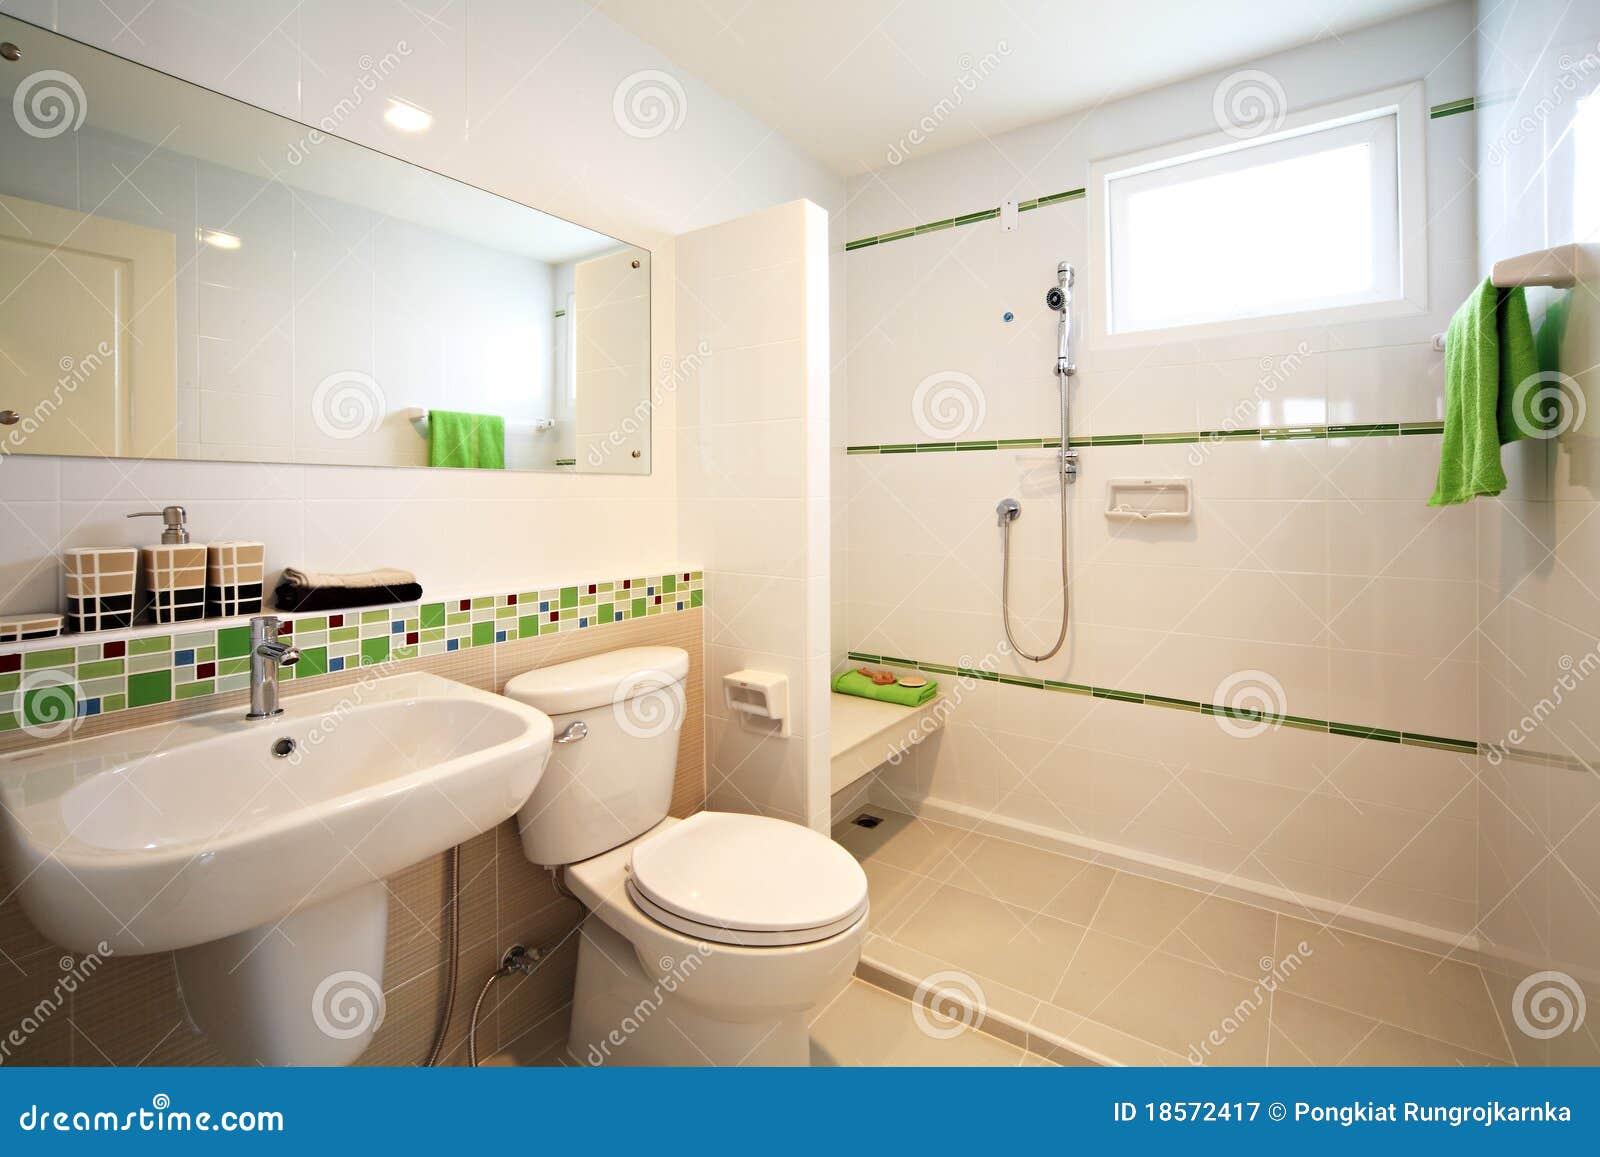 Salle de bains blanche moderne photographie stock libre de droits ...